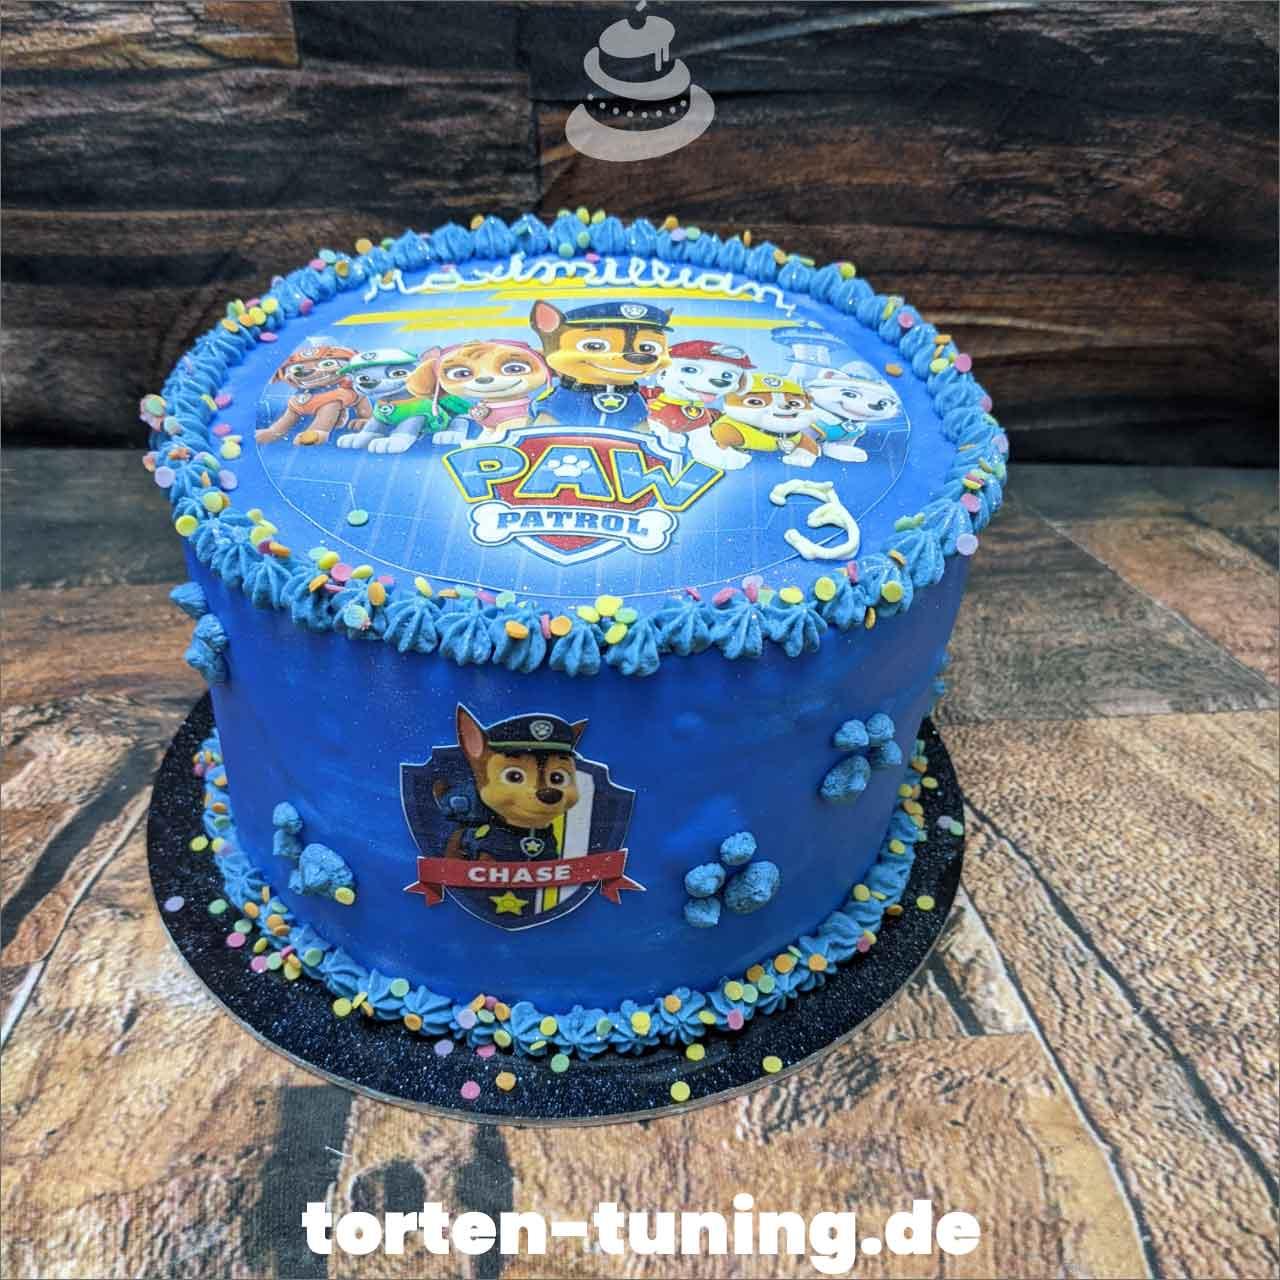 Paw Patrol Fototorte Dripcake Obsttorte Geburtstagstorte Motivtorte Torte Tortendekoration Torte online bestellen Suhl Thüringen Torten Tuning Sahnetorte Tortenfiguren Cake Topper